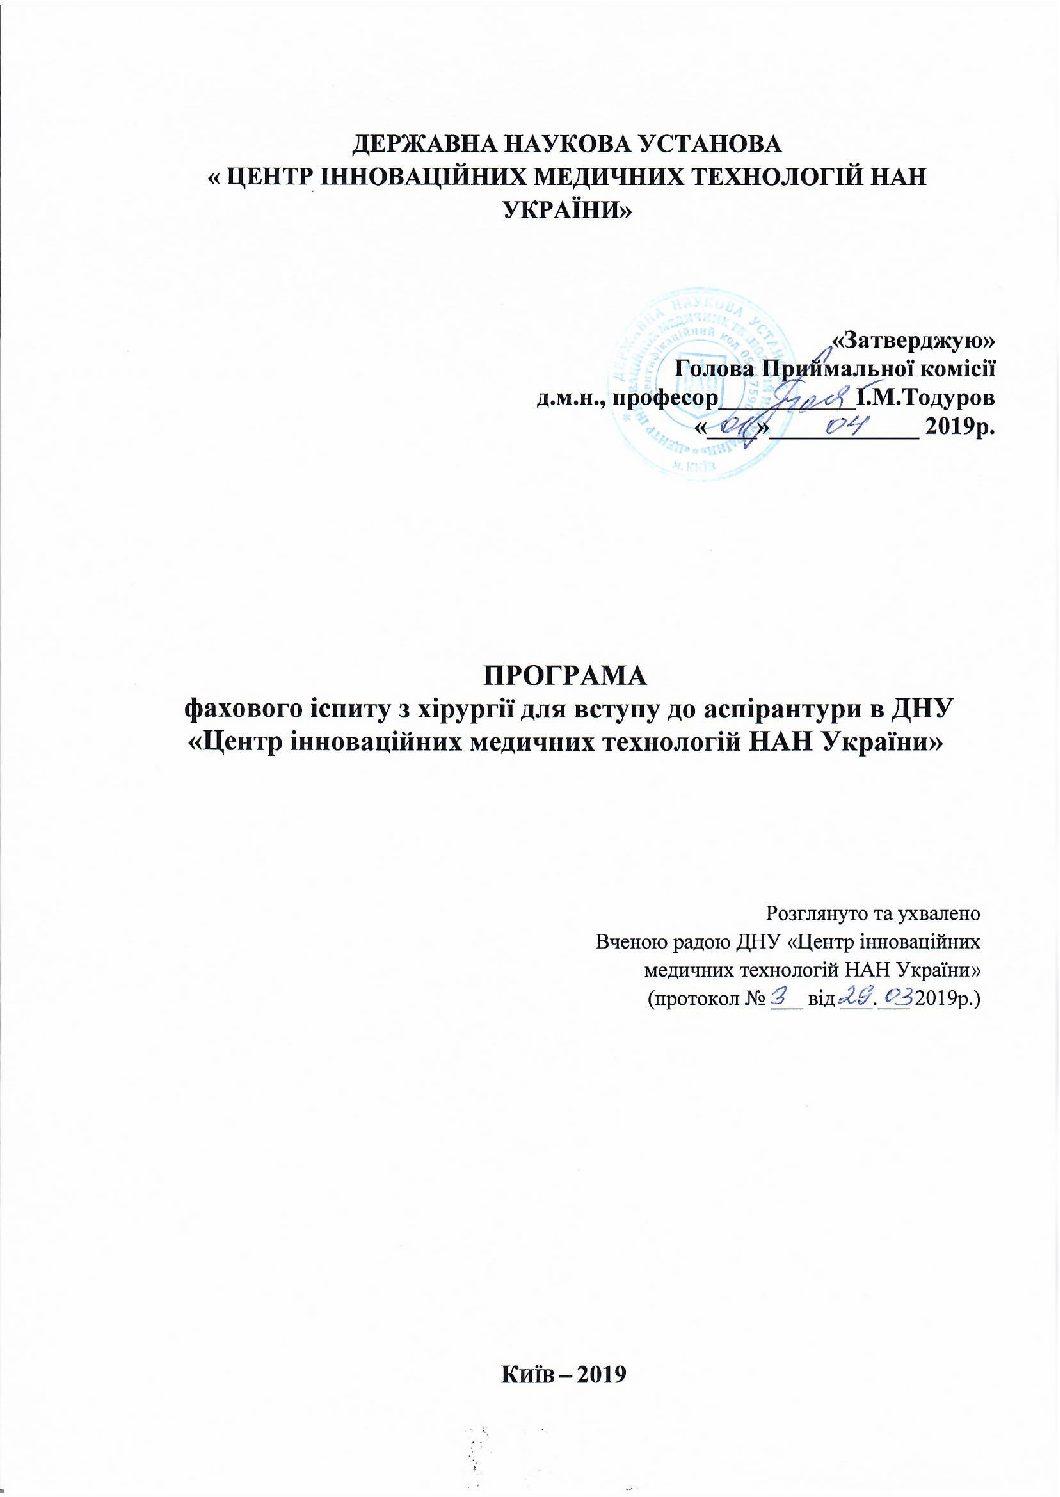 Програма фахового іспиту з хірургії для вступу до аспірантури в ДНУ «Центр інноваційних медичних технологій НАН України»